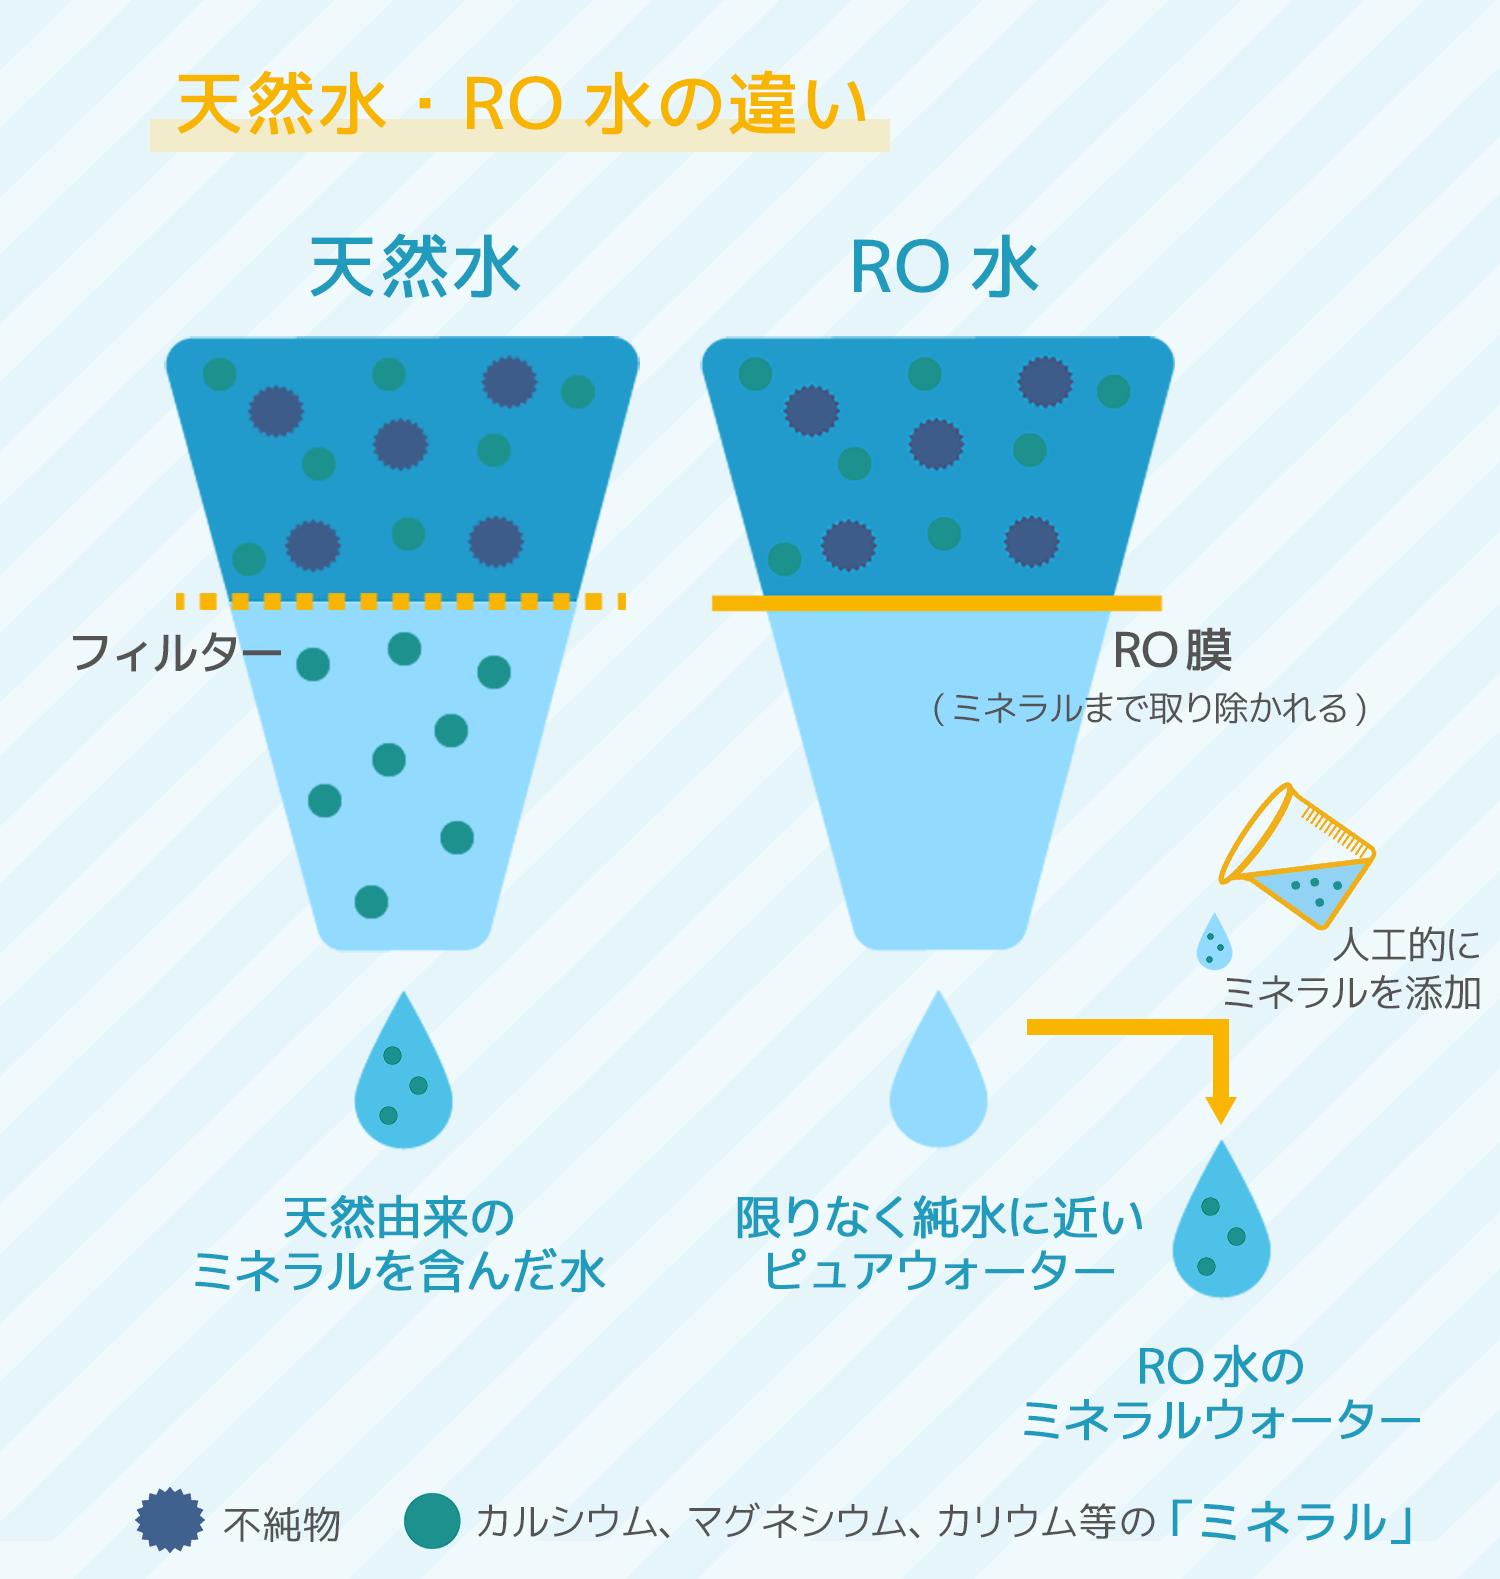 天然水とRO水の違いを説明したイラスト